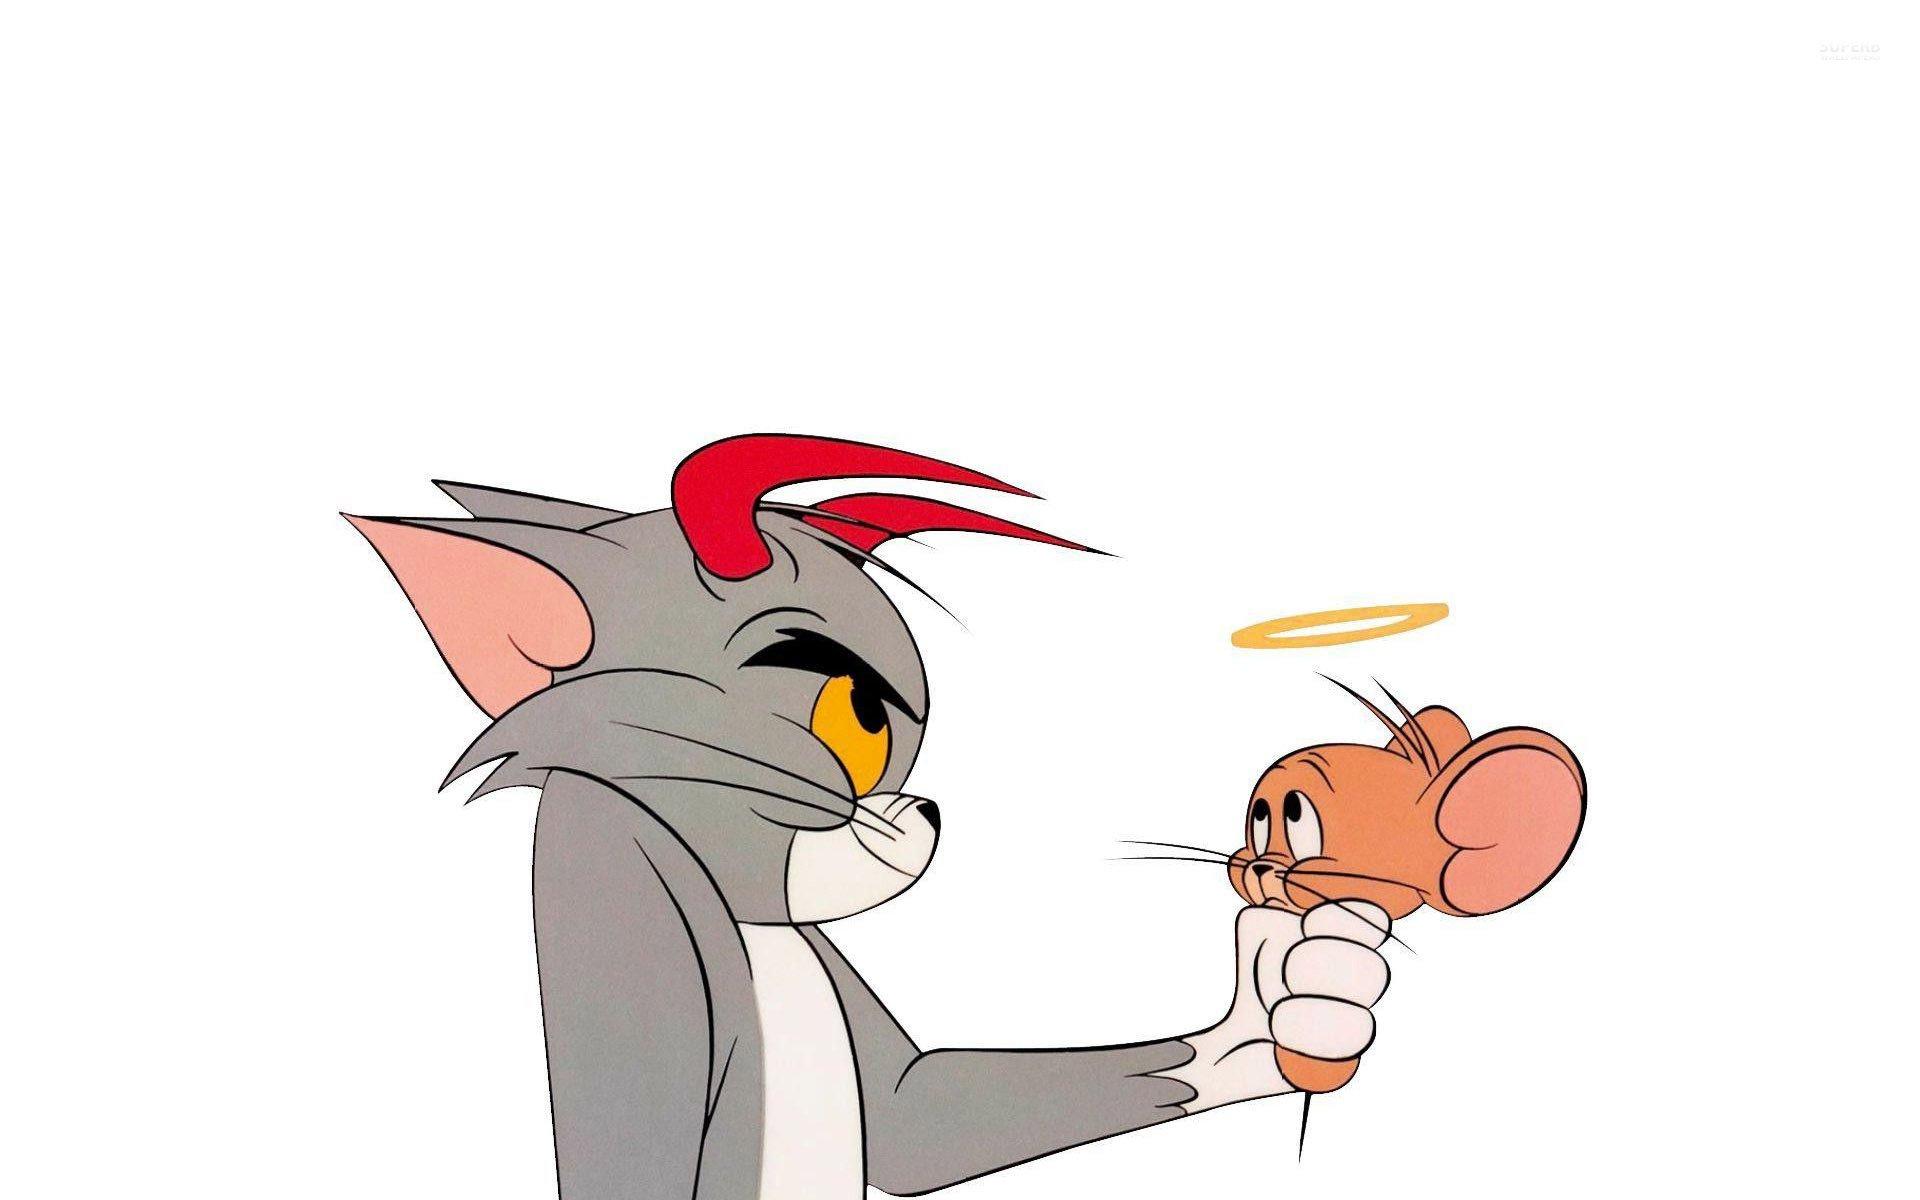 Обои на телефон кот том